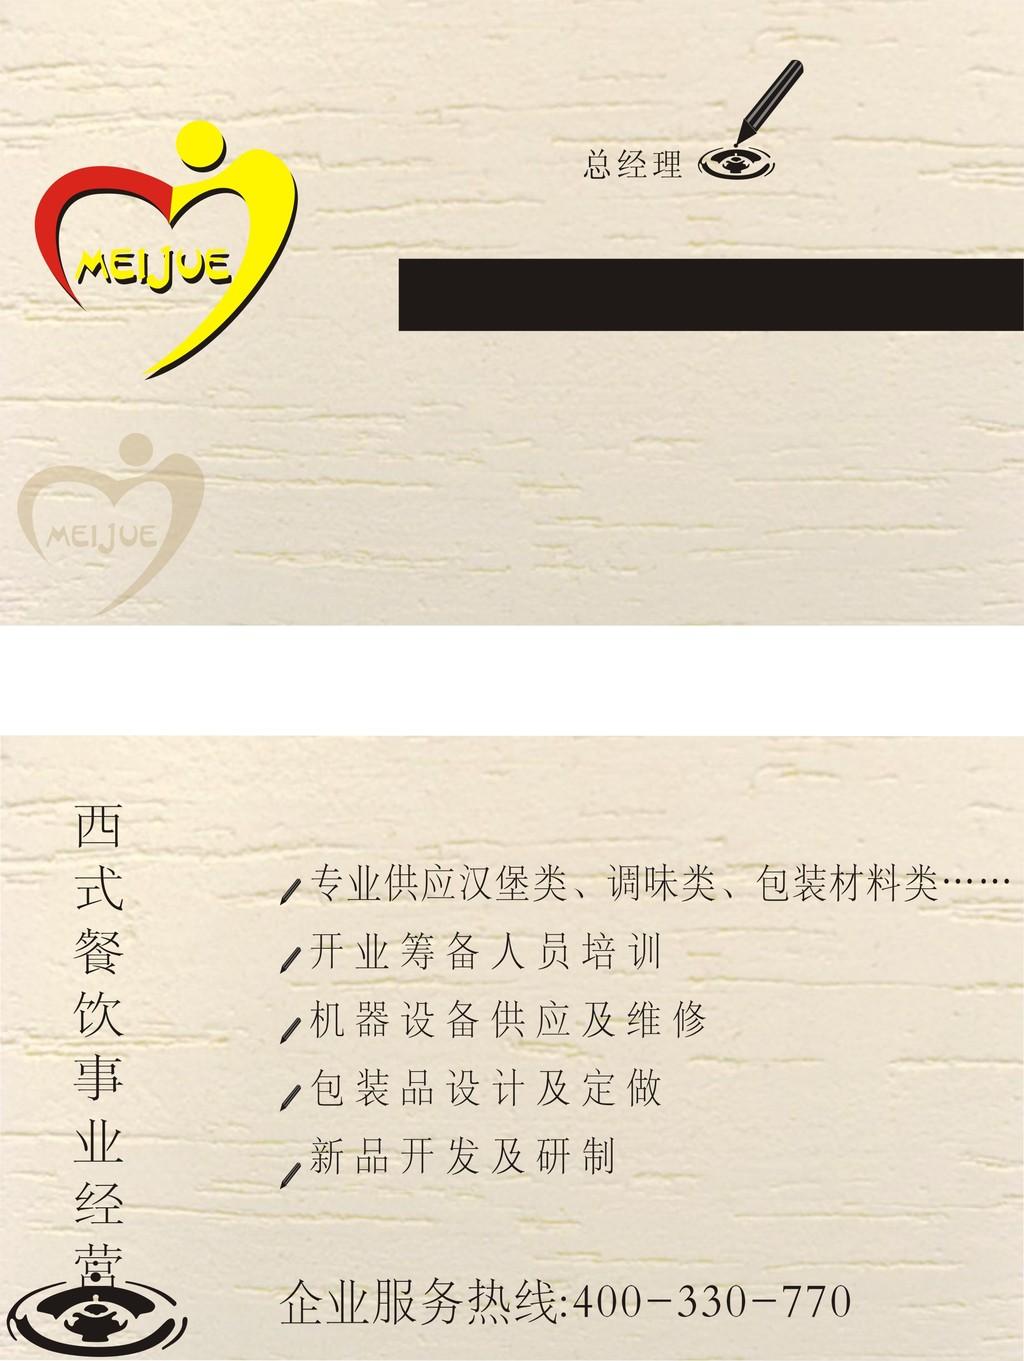 饮食名片模板下载 饮食名片图片下载 各种饮食行业名片模板下载 源